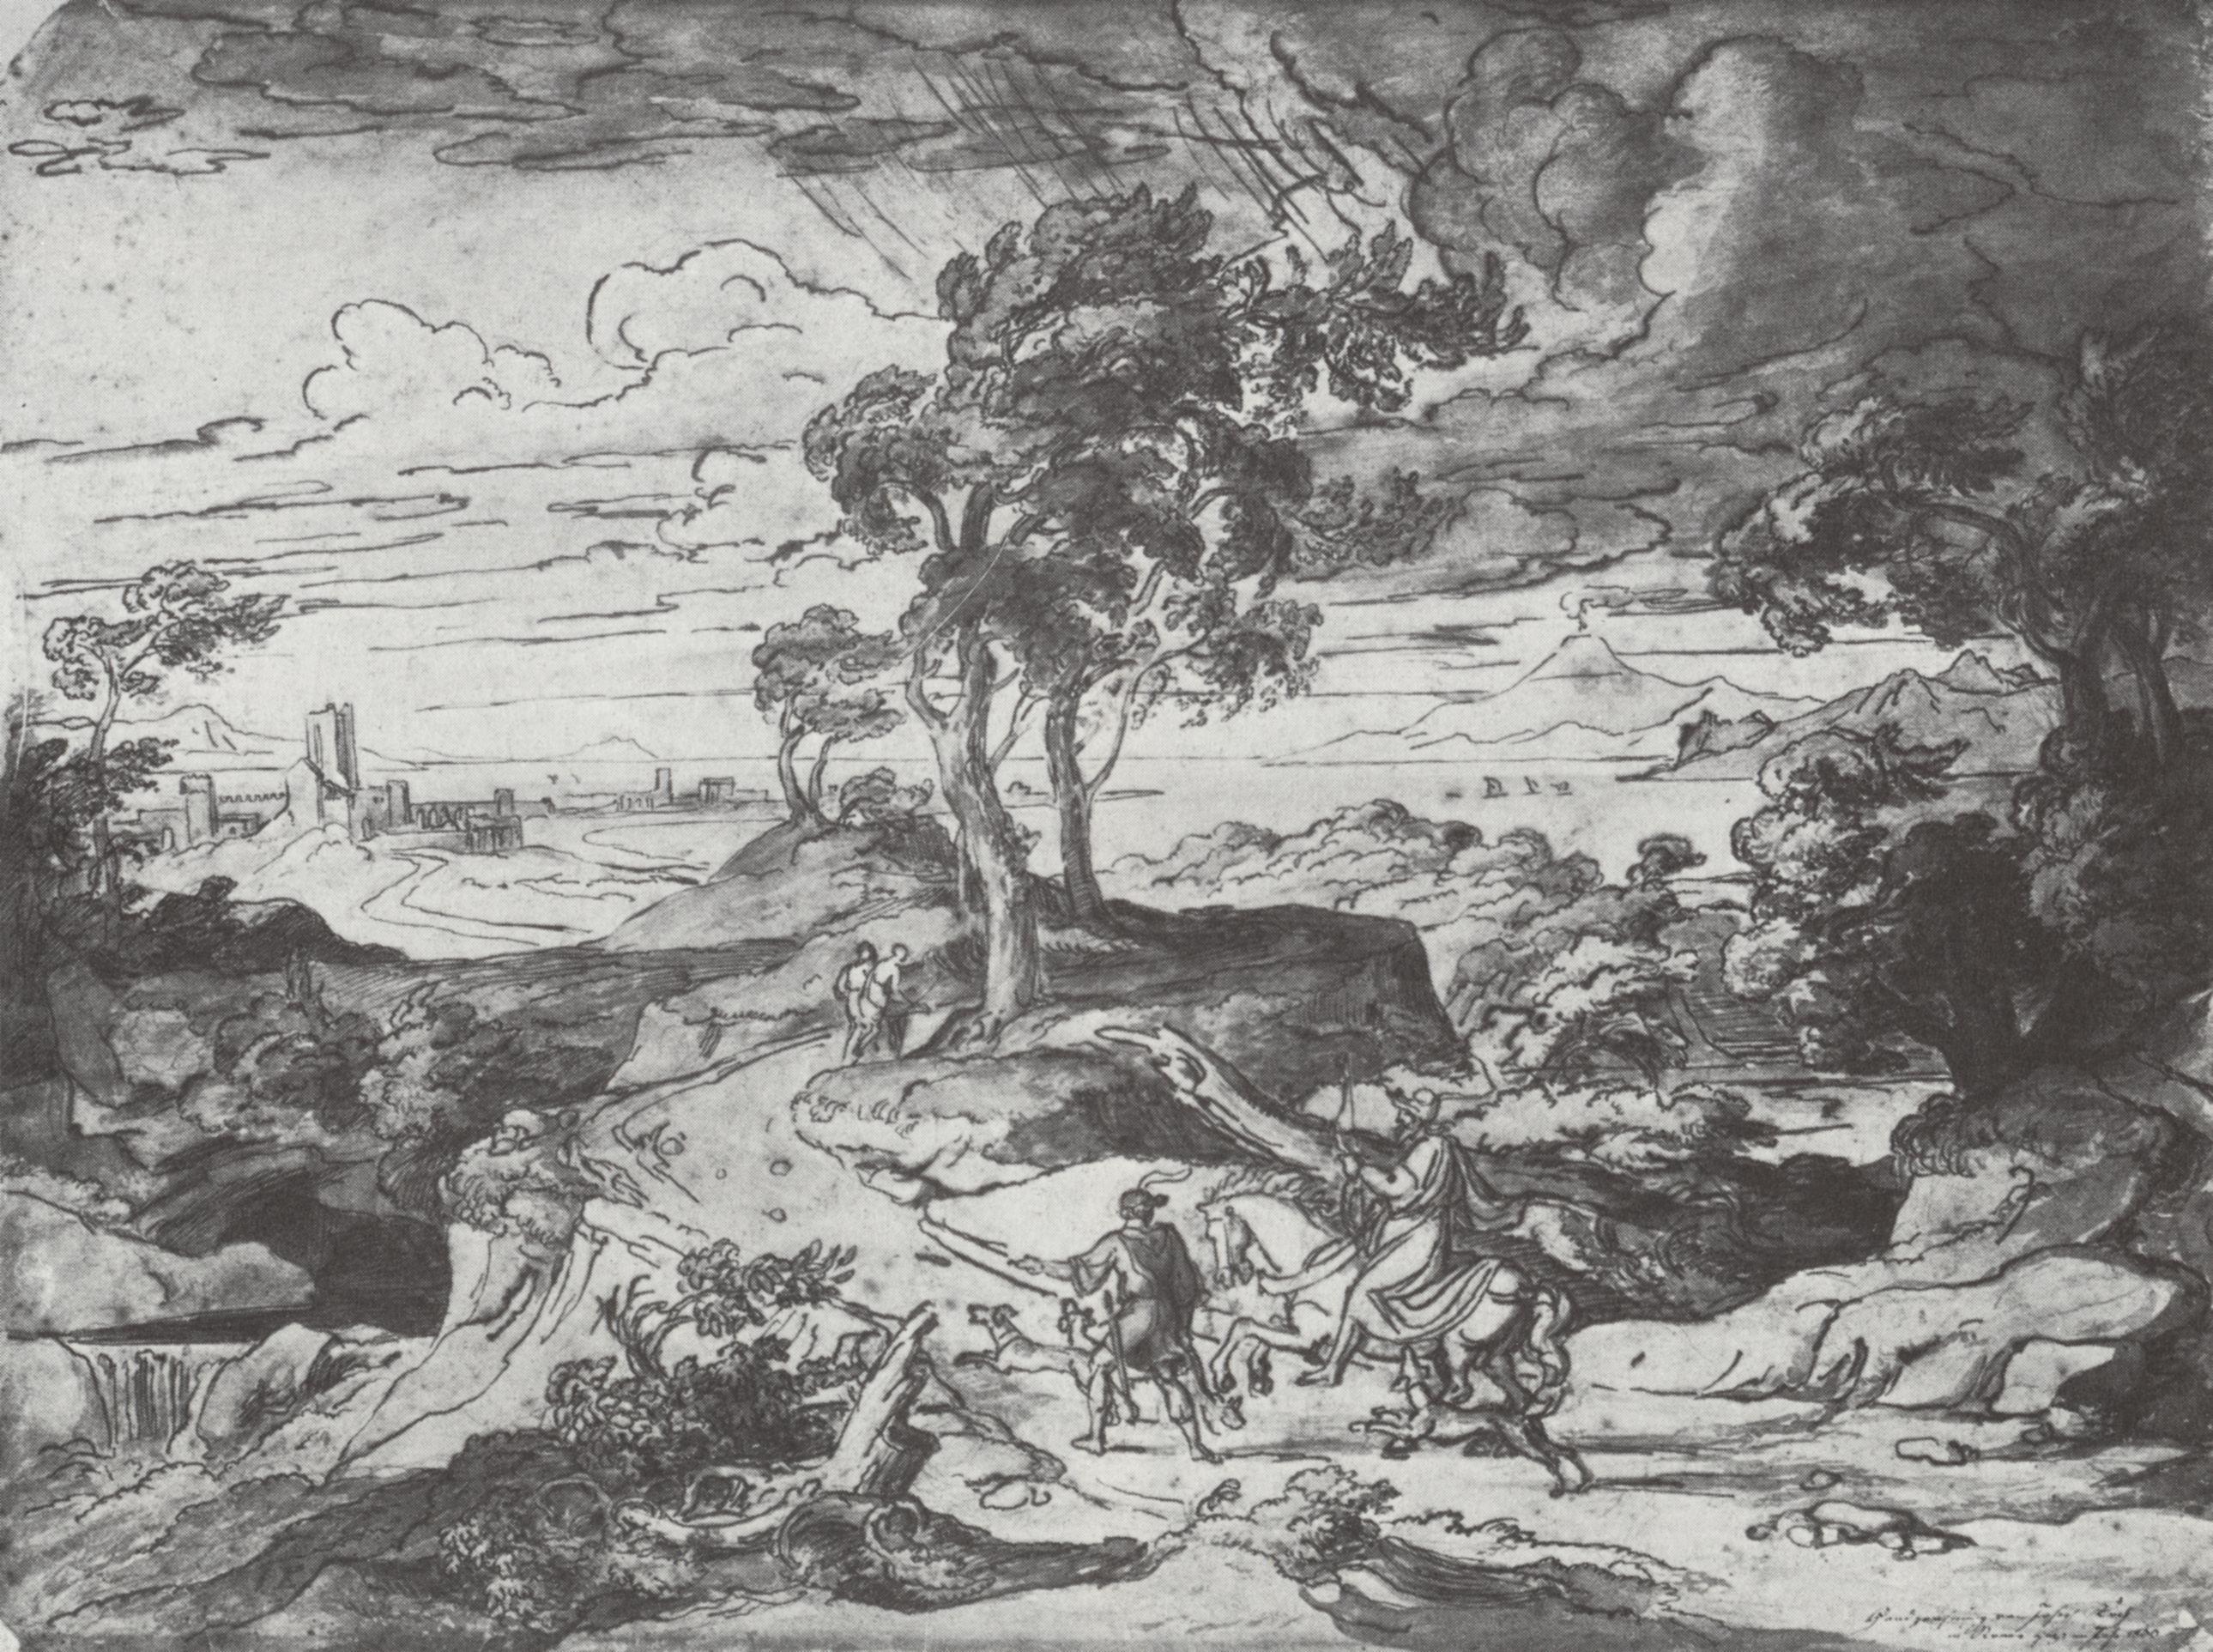 Ganz und zu Extrem Koch, Joseph Anton: Landschaft bei Gewitter mit heimkehrenden #SC_12